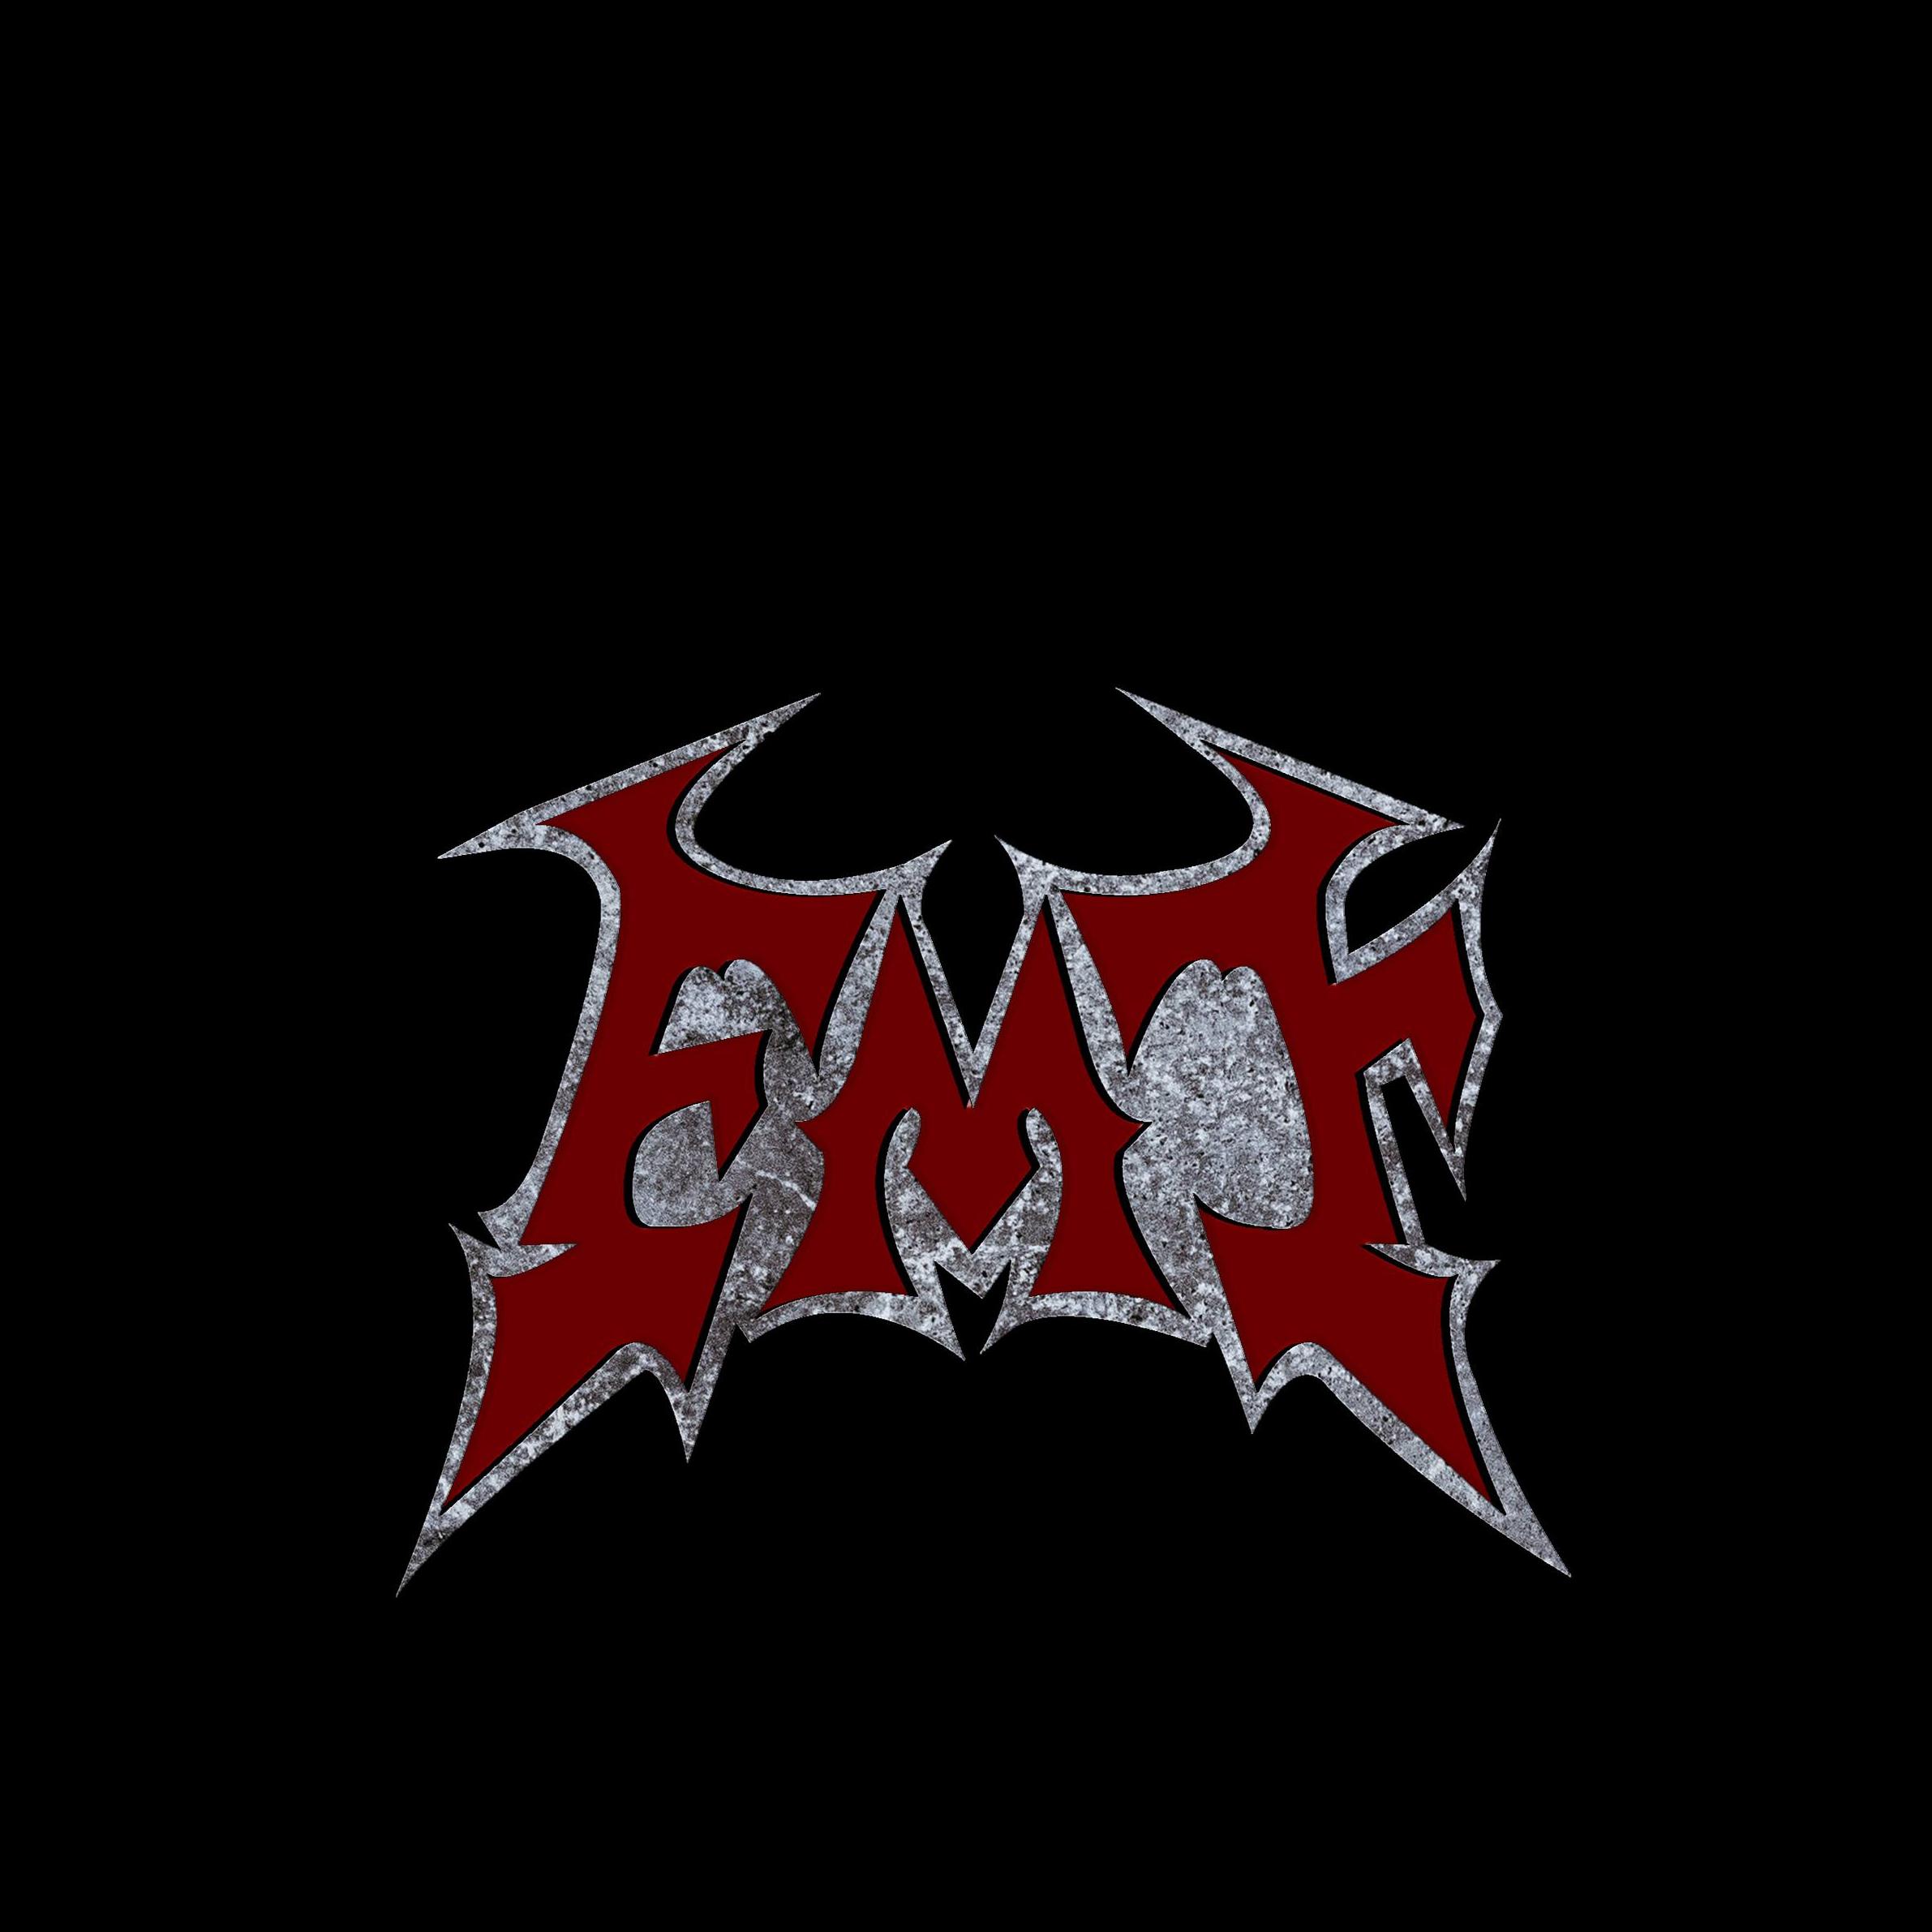 EMF Media